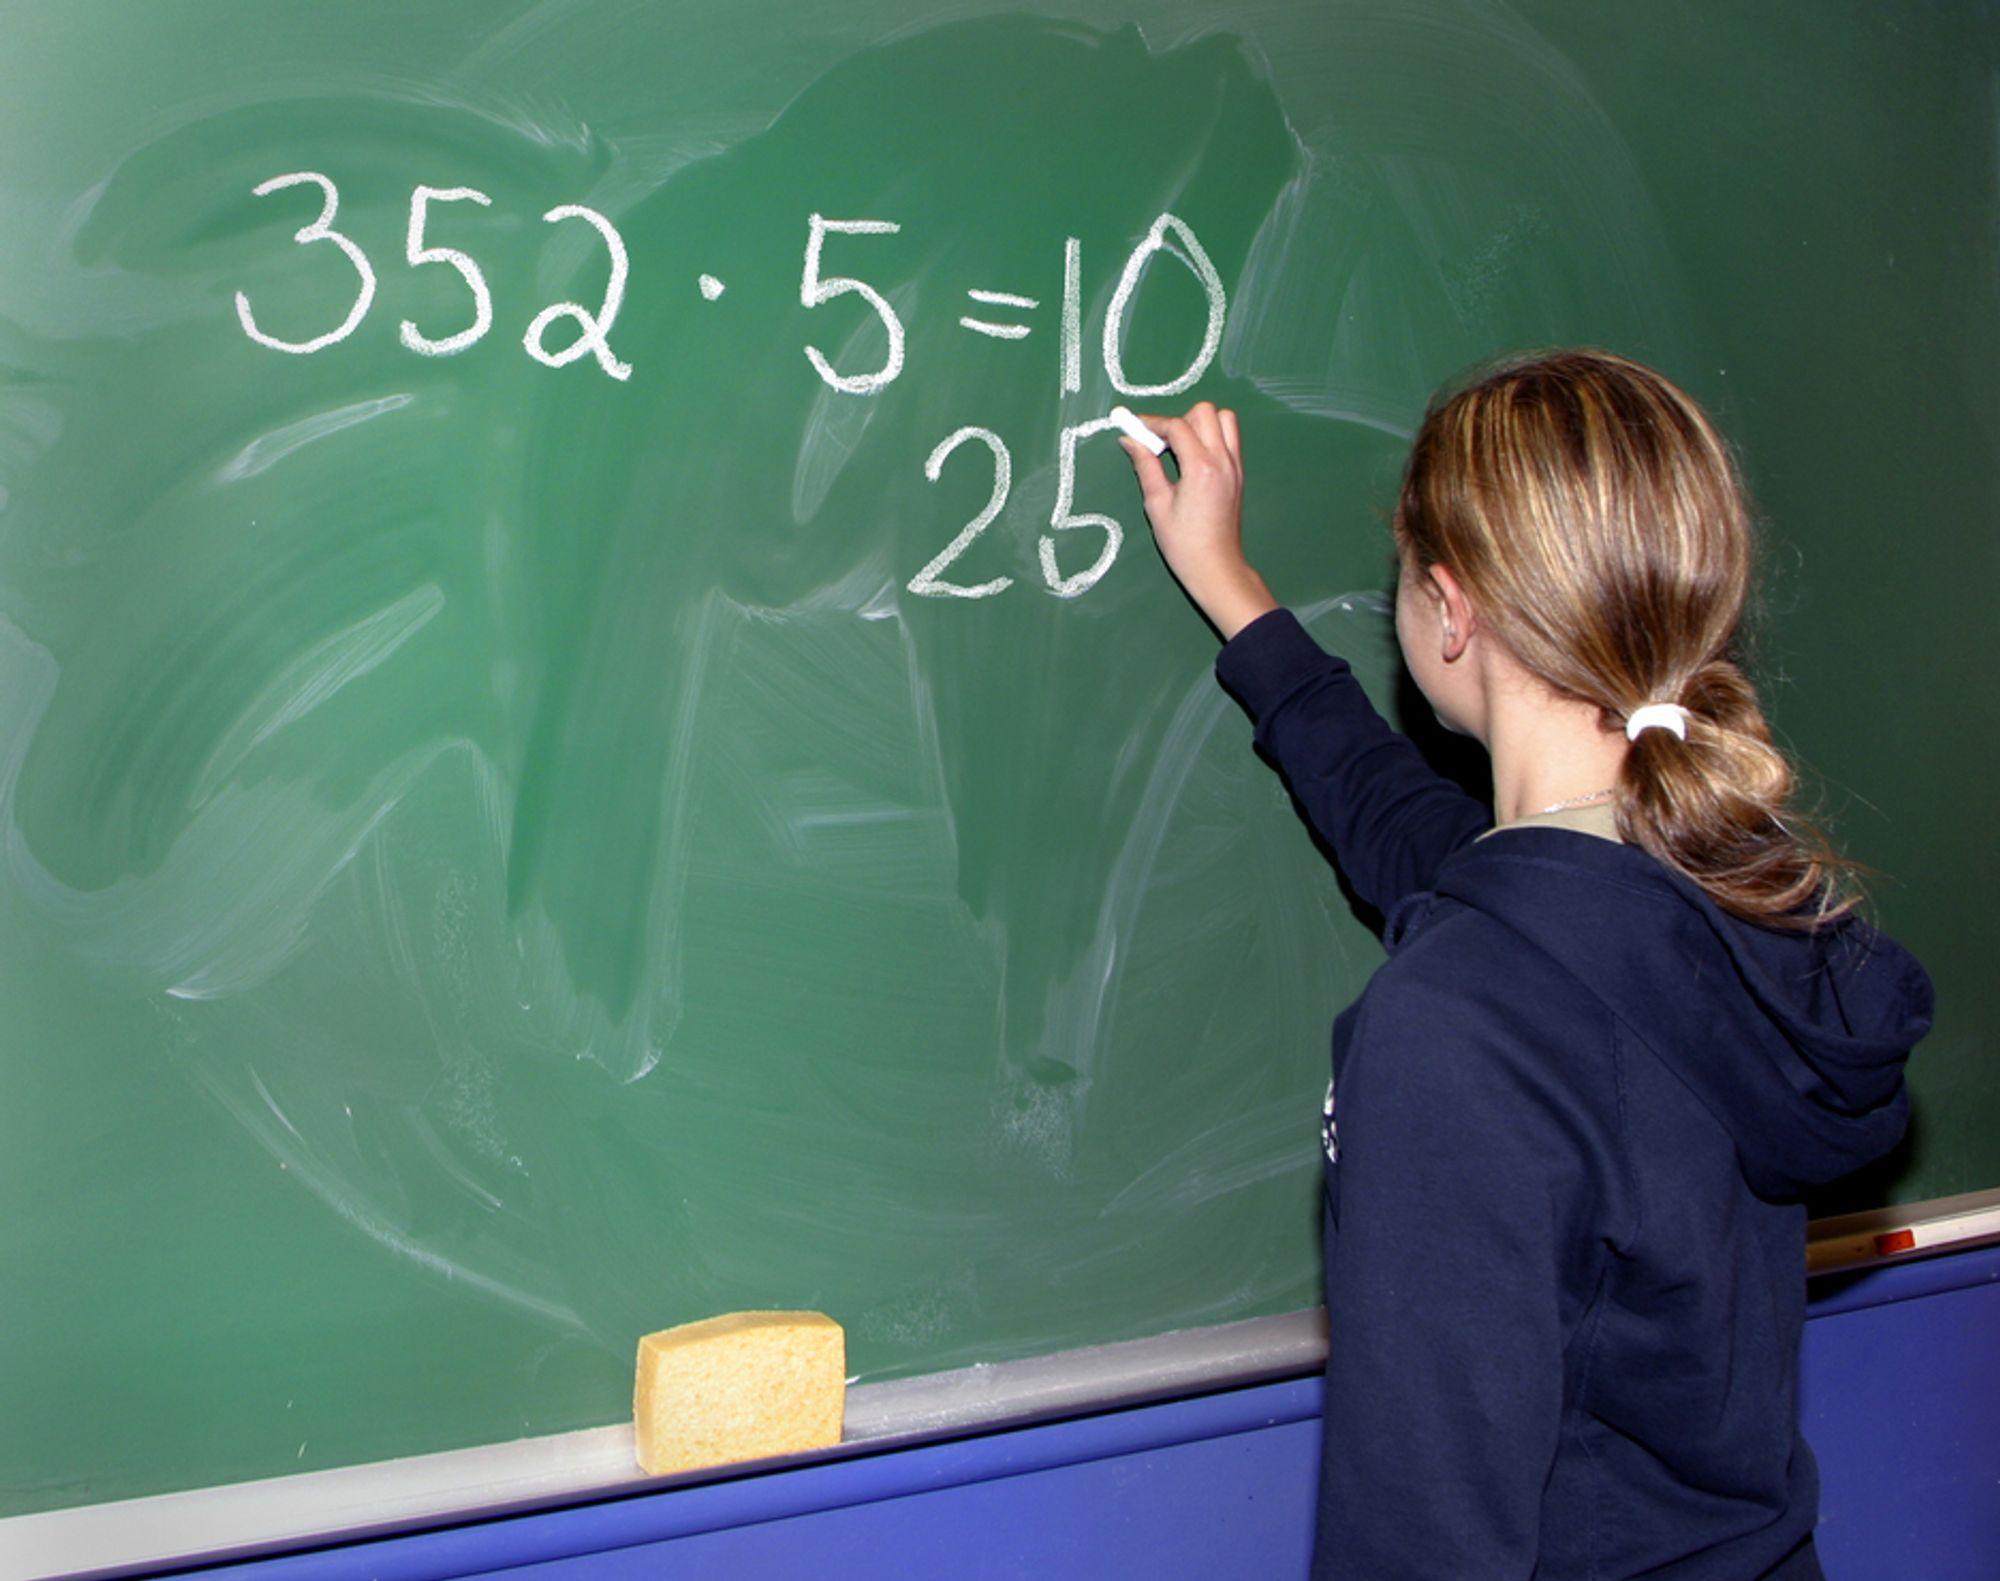 UTVALG: Papirarbeid stjeler tid fra det lærerne egentlig skal gjøre.